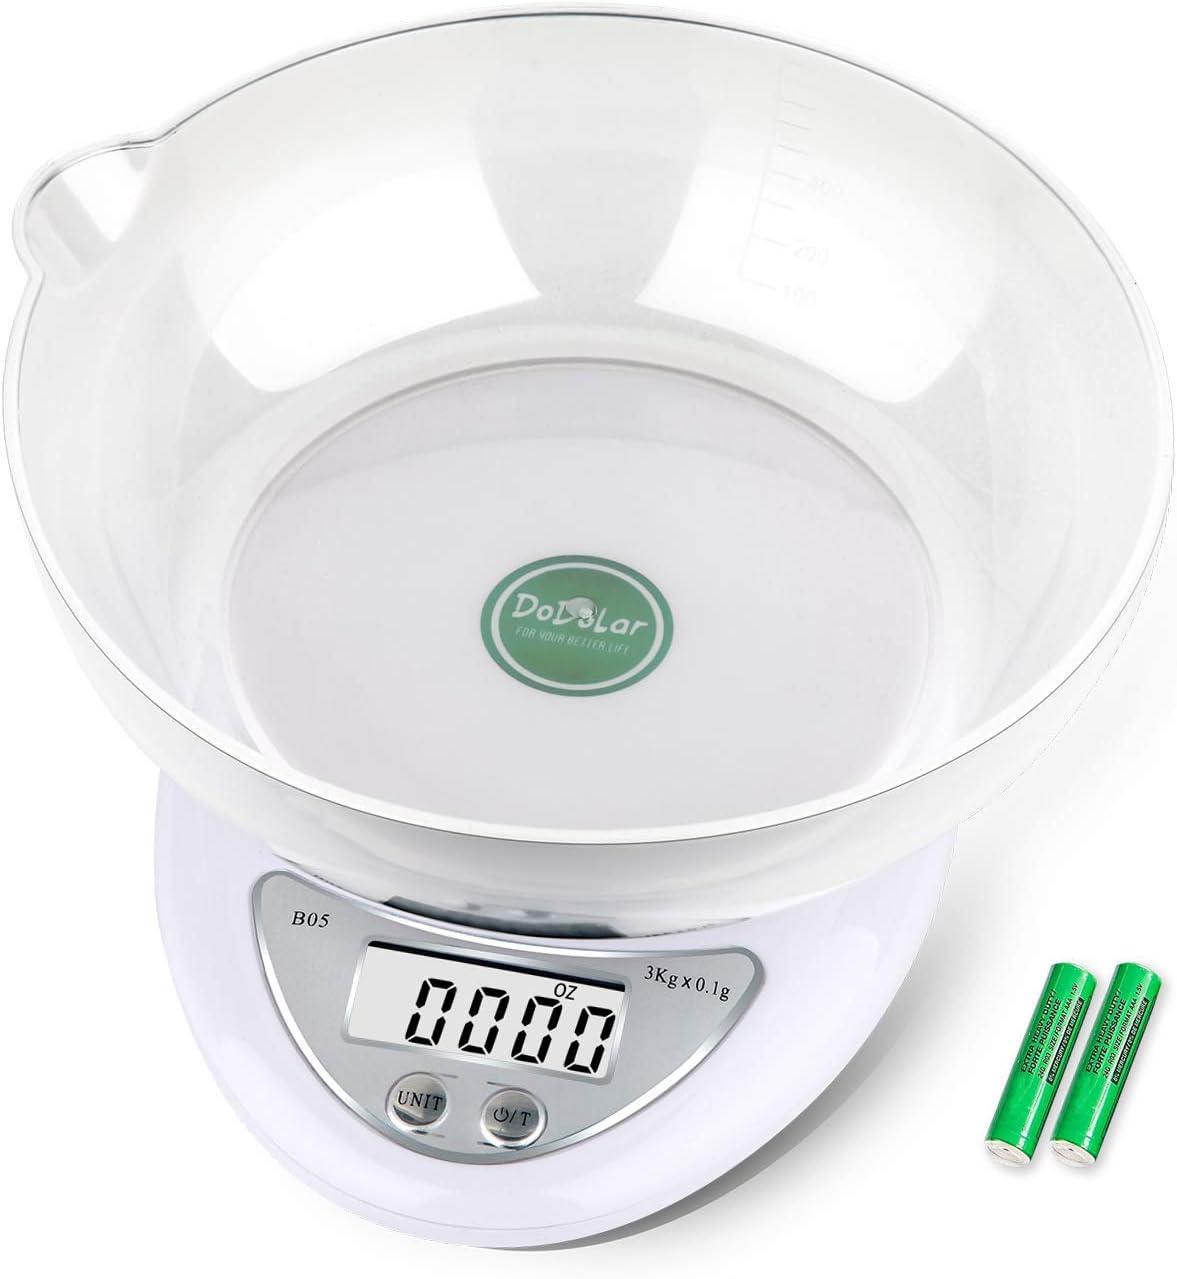 Báscula Digital de Cocina Exquisit Báscula electrónica de Alta precisión con Recipiente para Alimentos, Pantalla LCD, Apagado automático, batería incluida, Digitale Küchenwaage